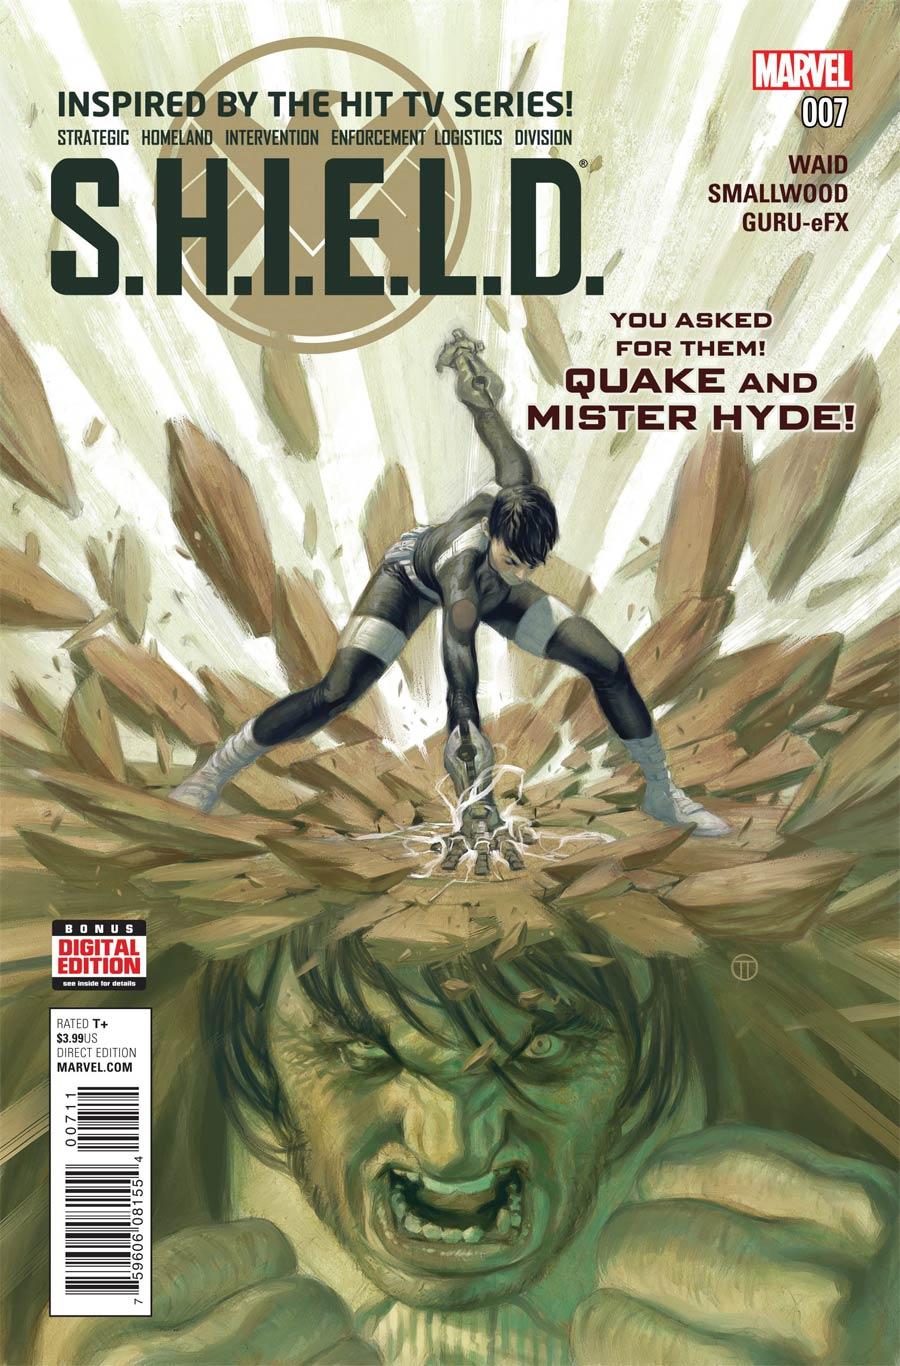 S.H.I.E.L.D. Vol 4 #7 Cover A Regular Julian Totino Tedesco Cover